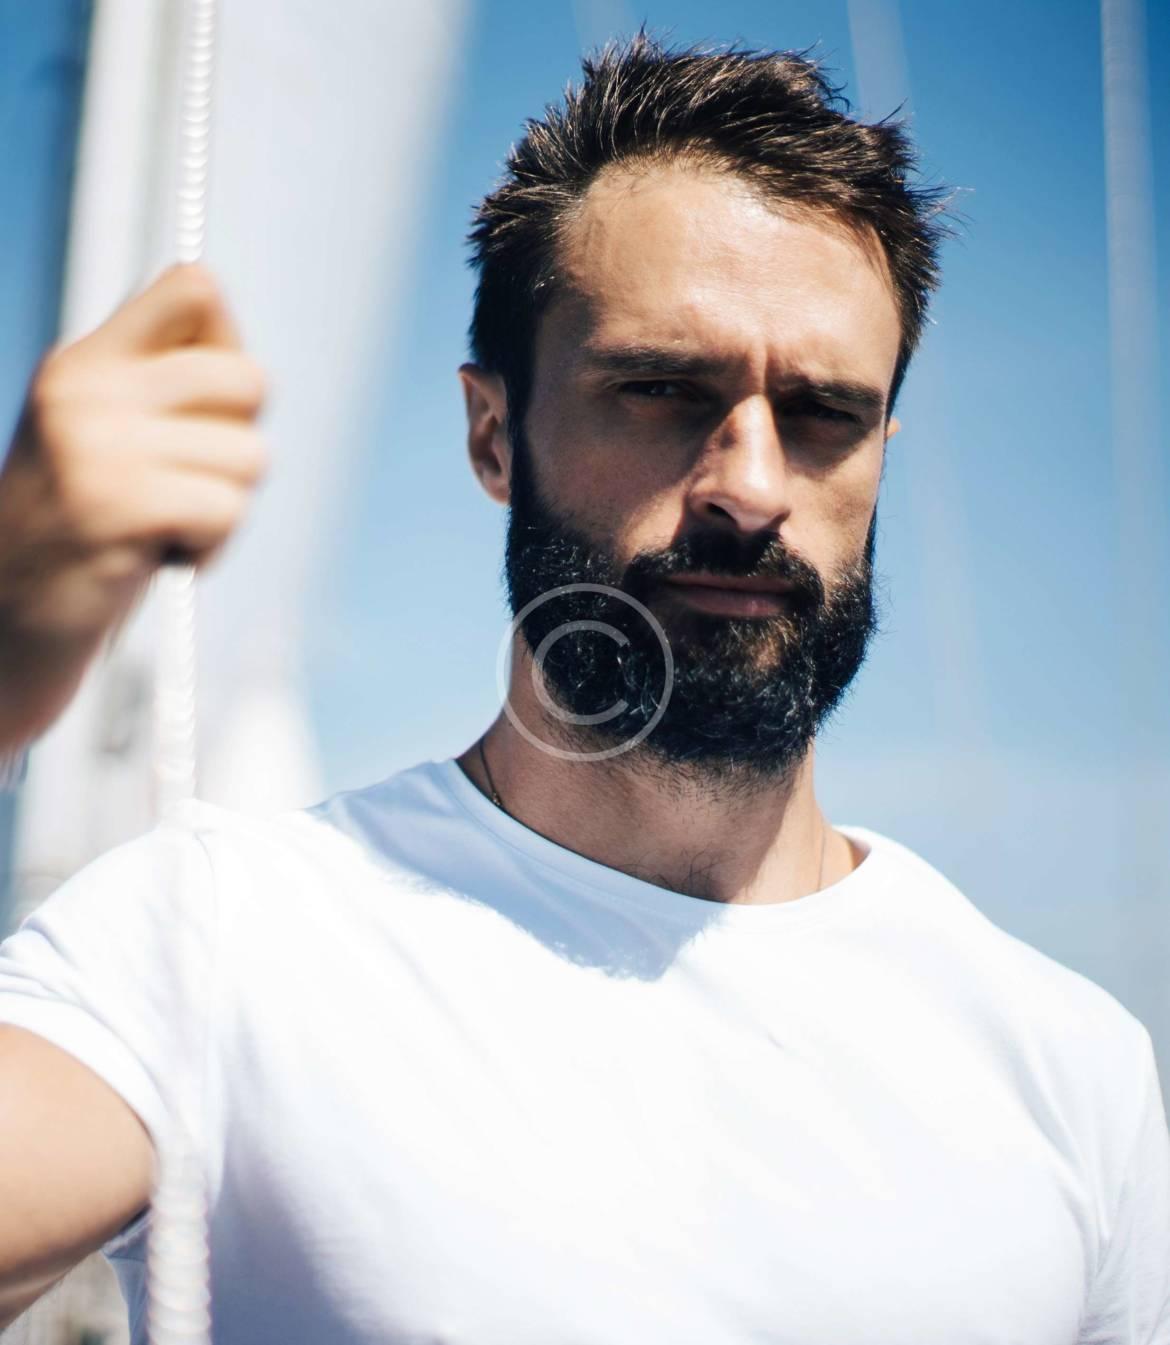 sailor_in_paris.jpg